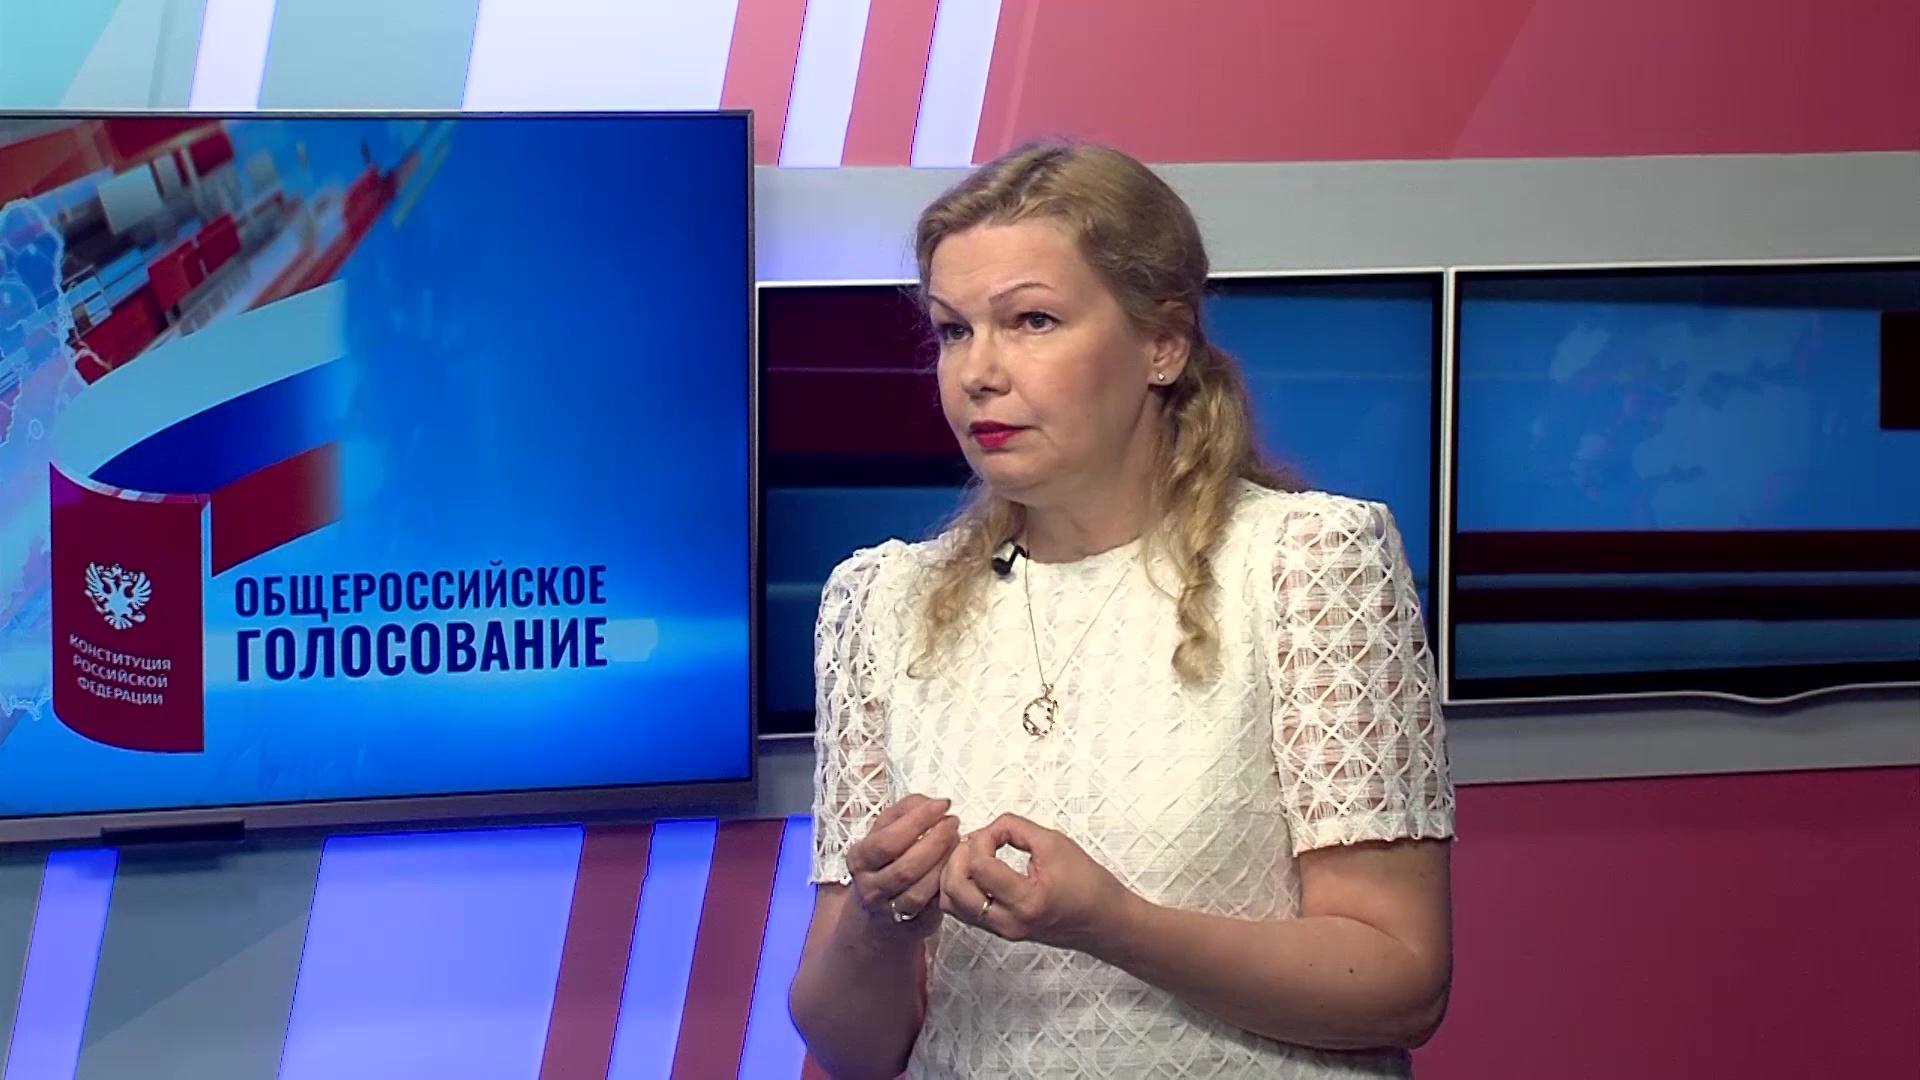 Декан факультета социально-политических наук ЯрГУ назвала своевременным решение ЦИК о многодневном голосовании